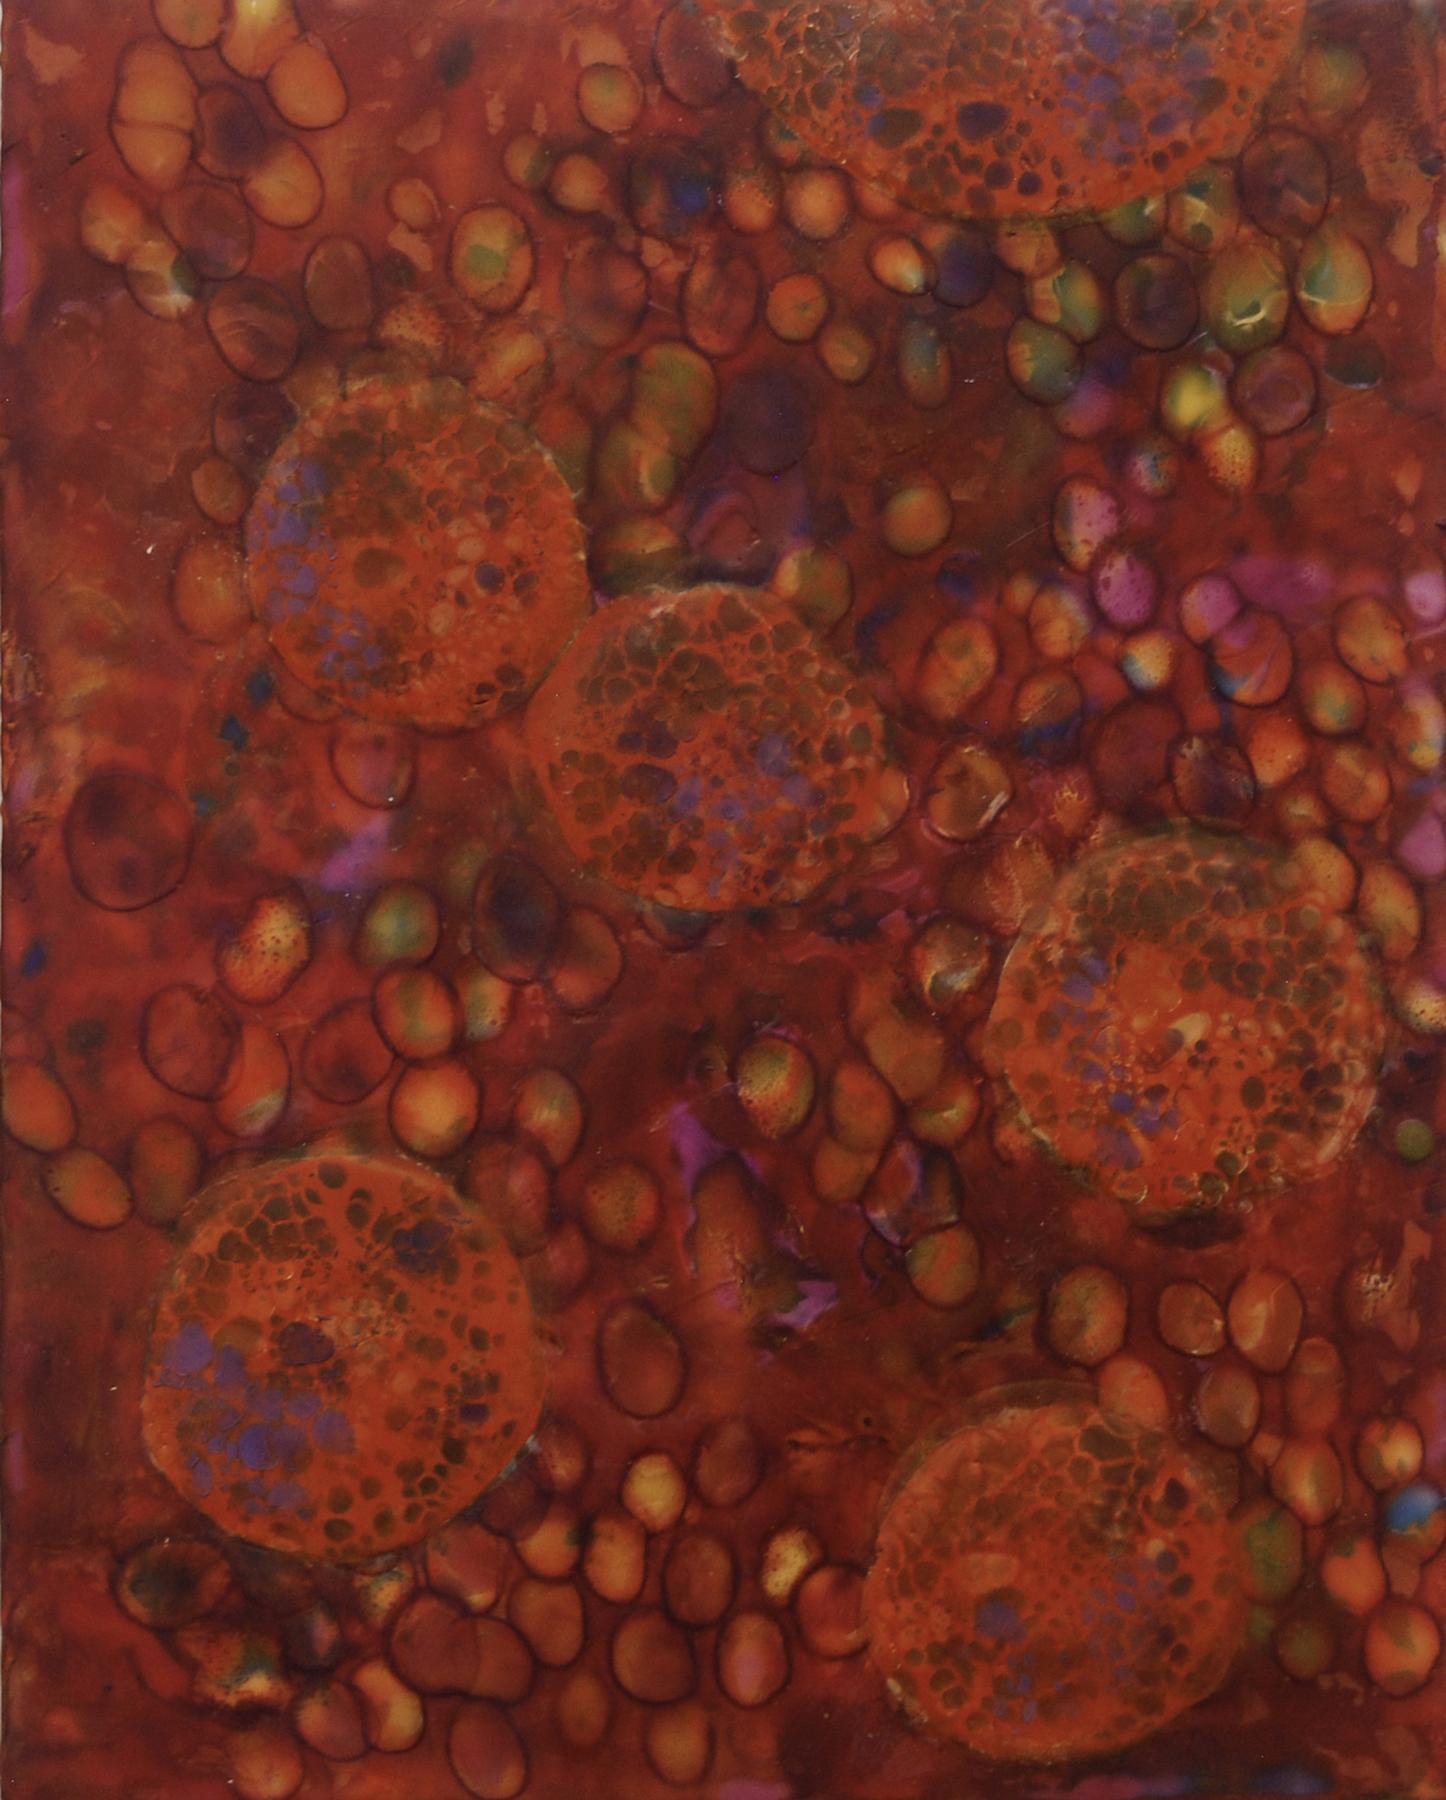 K. Hartung,  Bio Layers 3 , encaustic and mixed media, 16x20